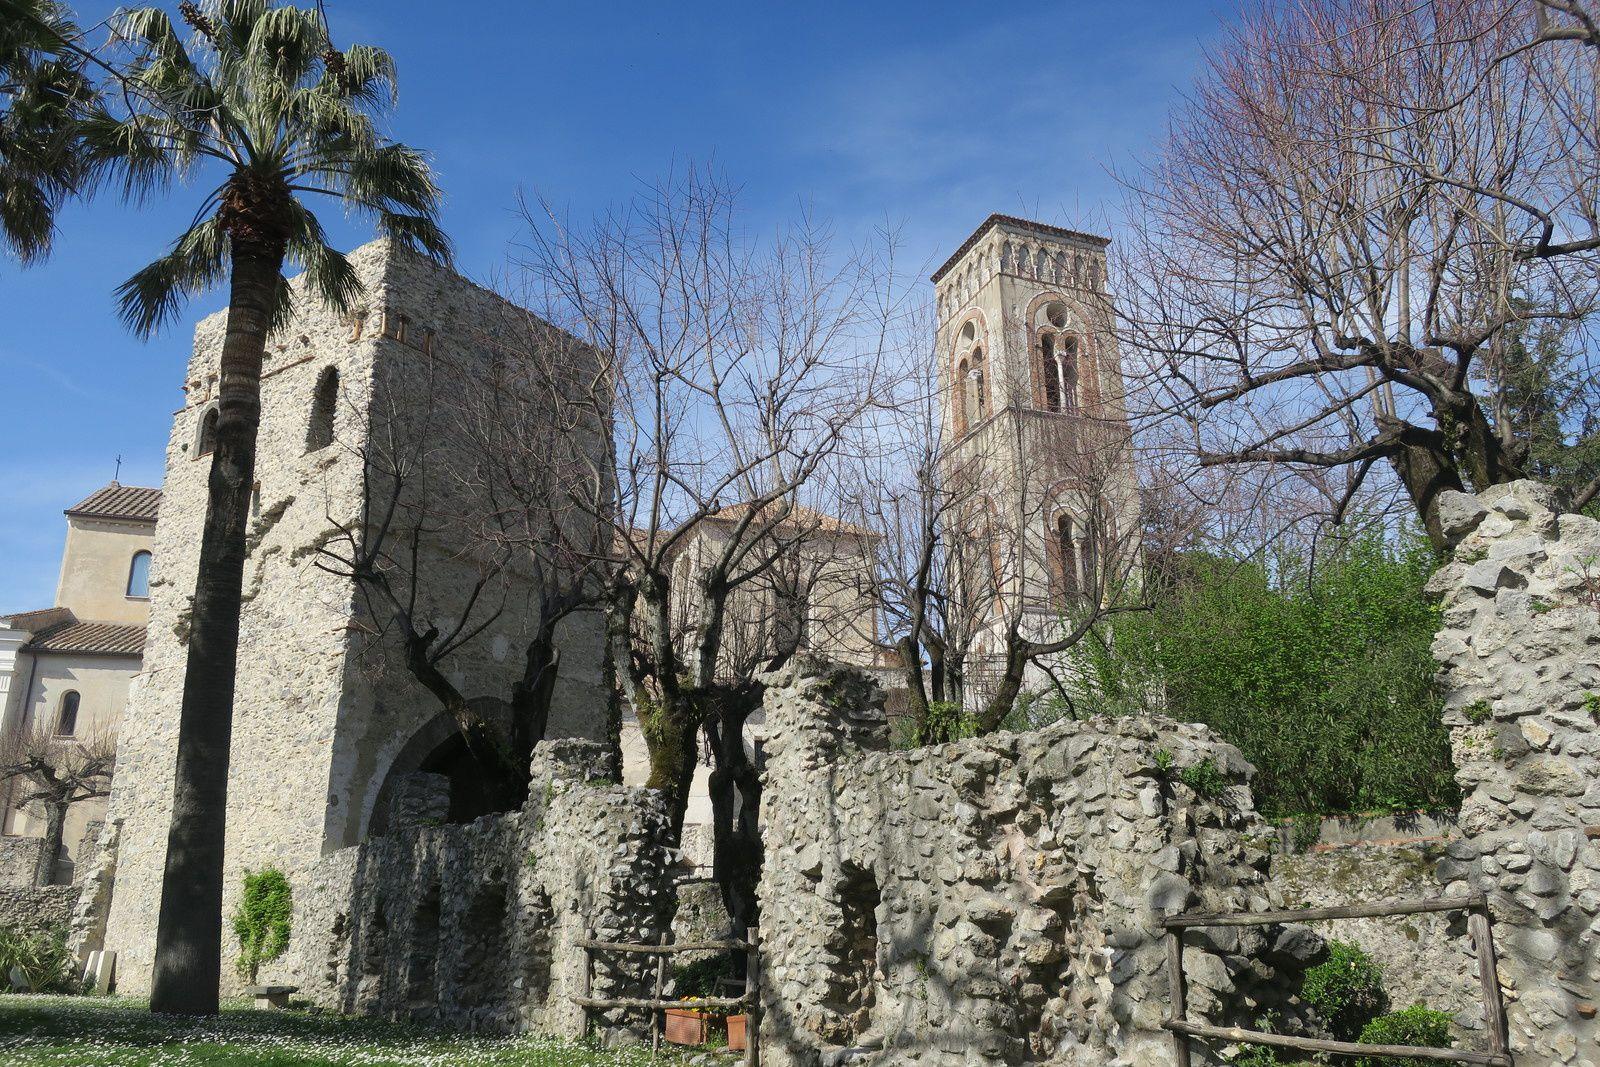 Le joli village de Ravello